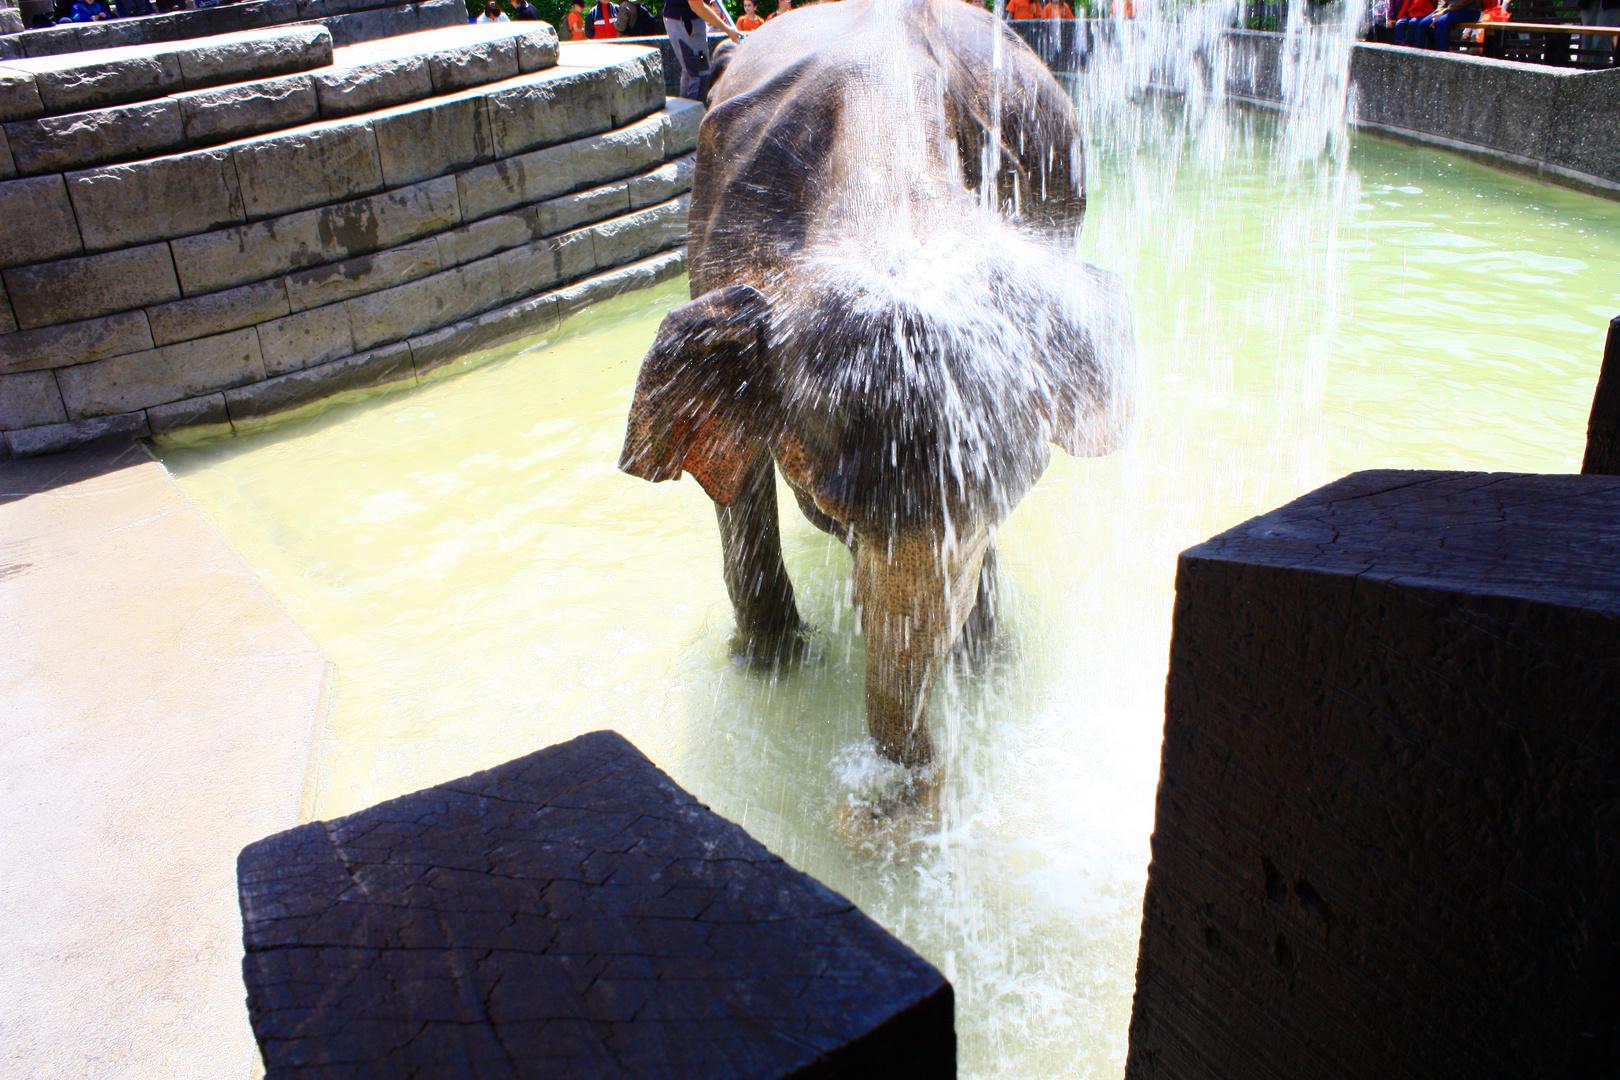 Elefantendame beim Duschen